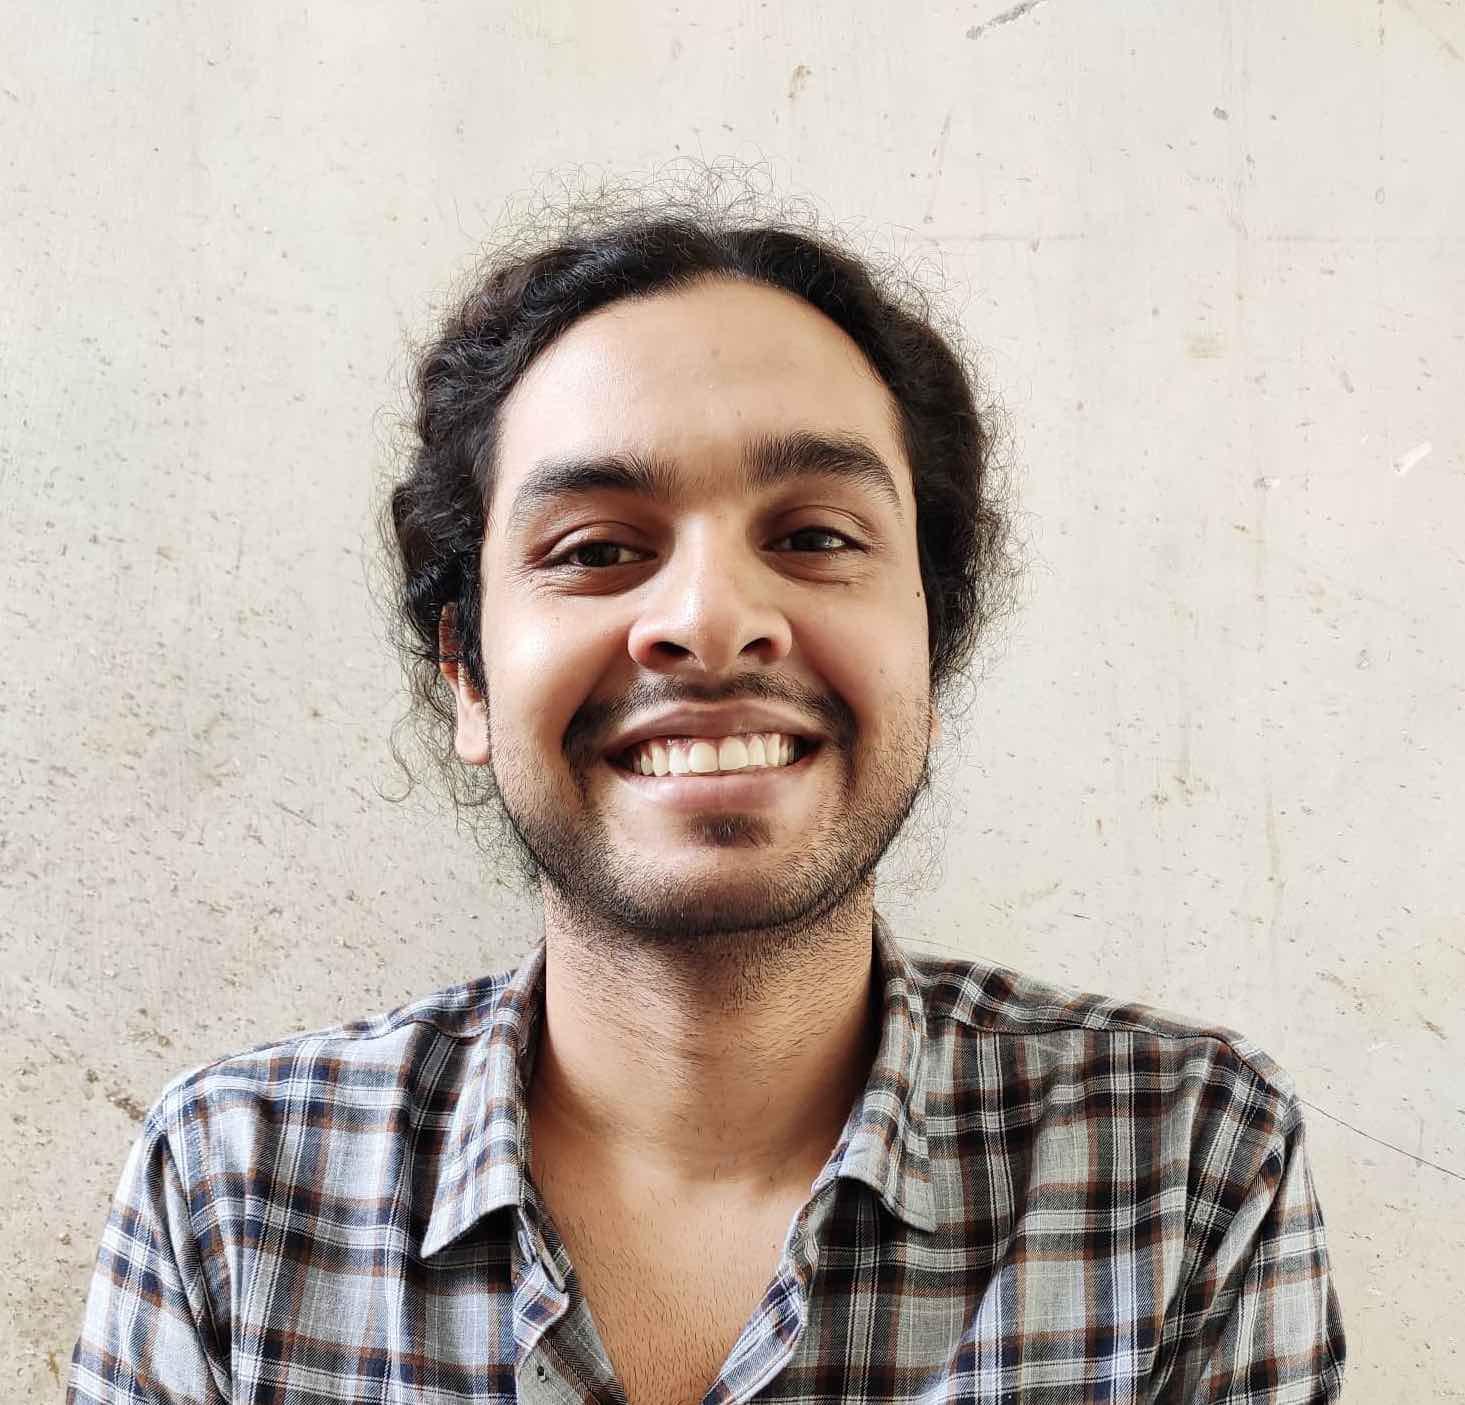 Shikhar Verma